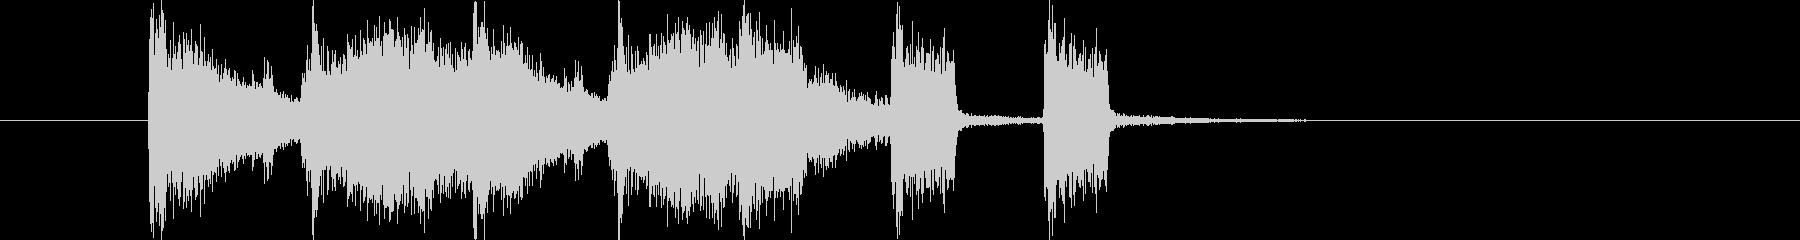 クールでキャッチ―なエレキロックジングルの未再生の波形